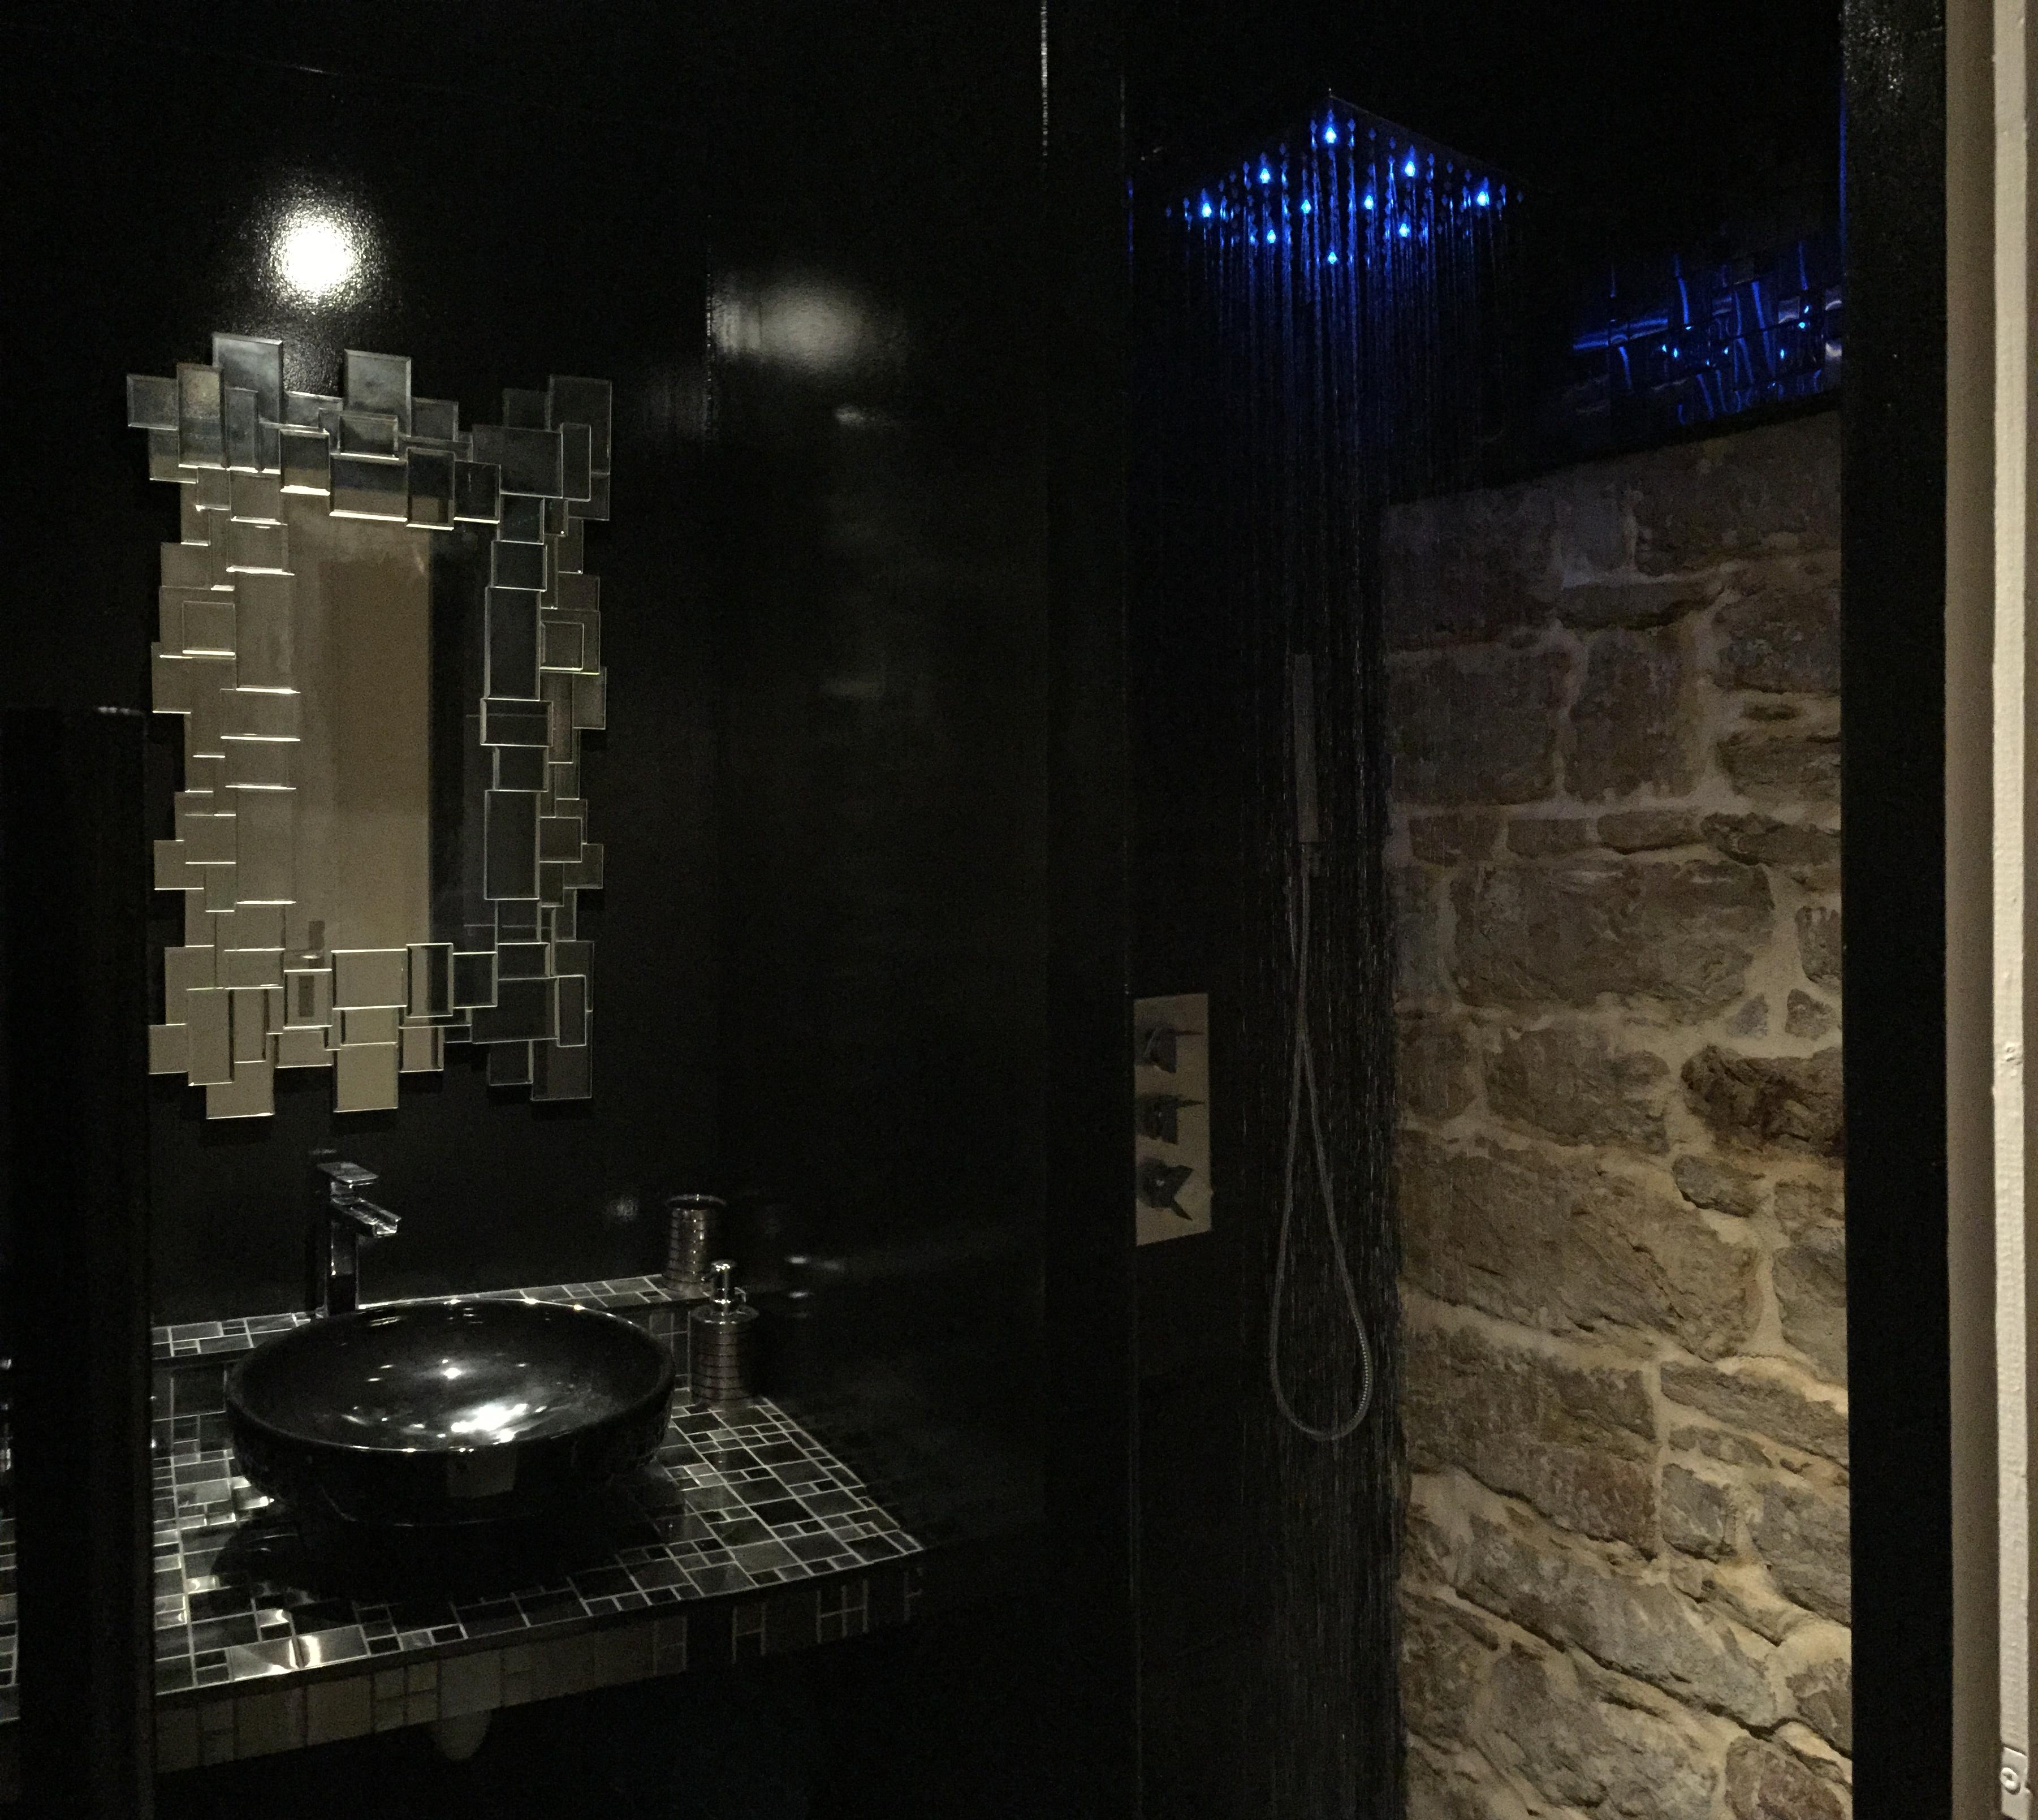 La salle d'eau noire et pierres...